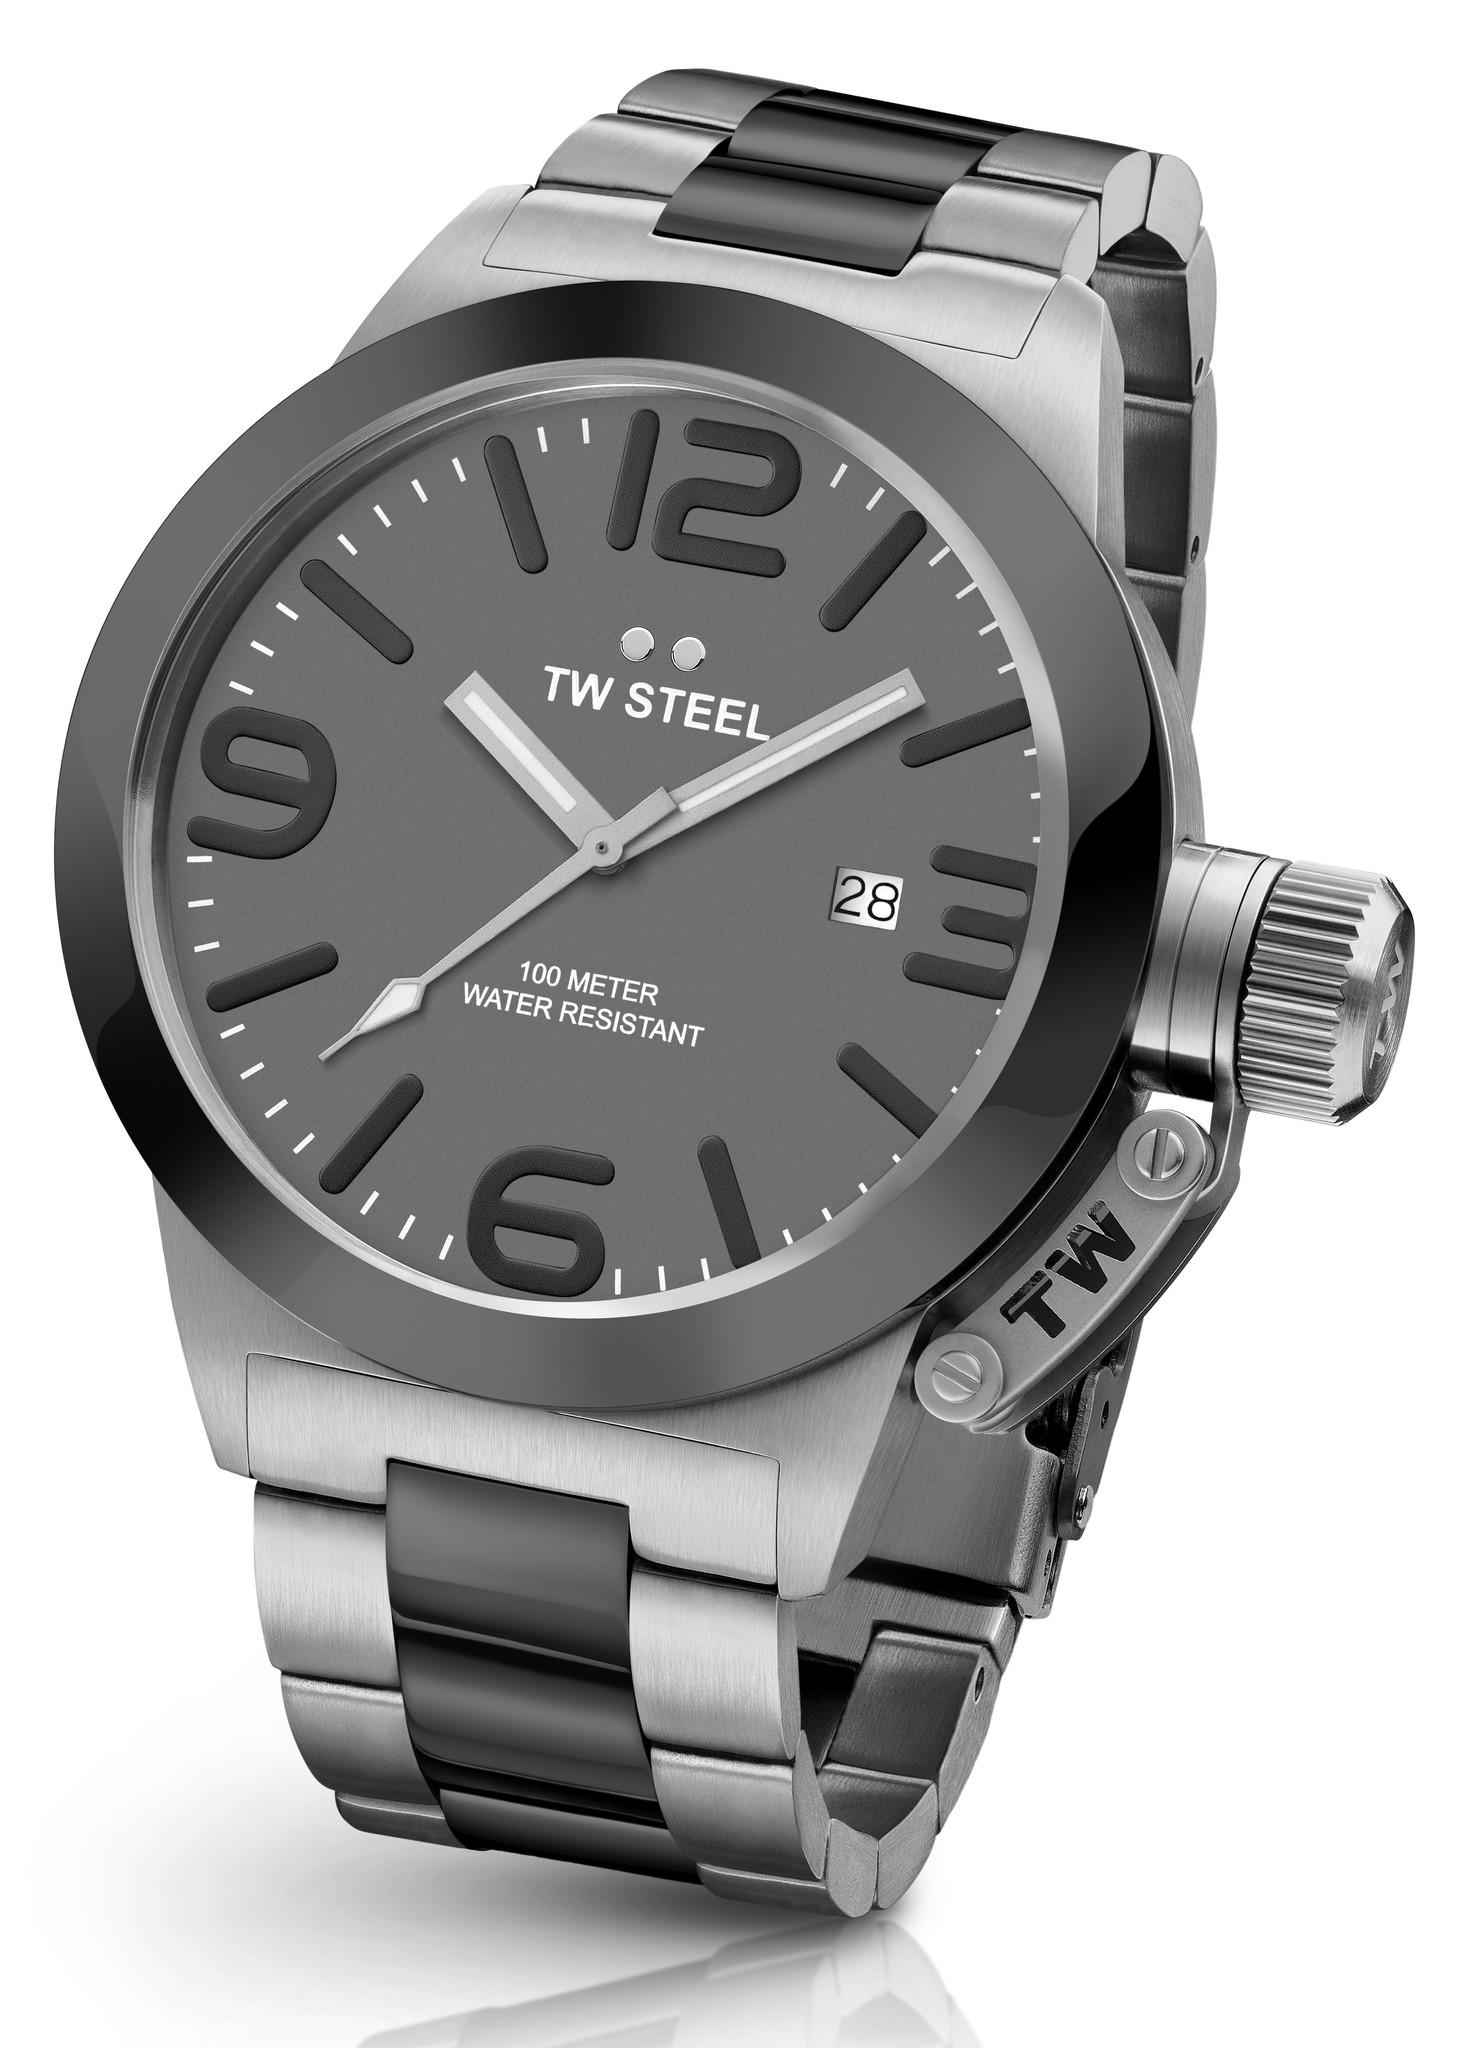 Dit zijn echt grote TW Steel horloges cb202